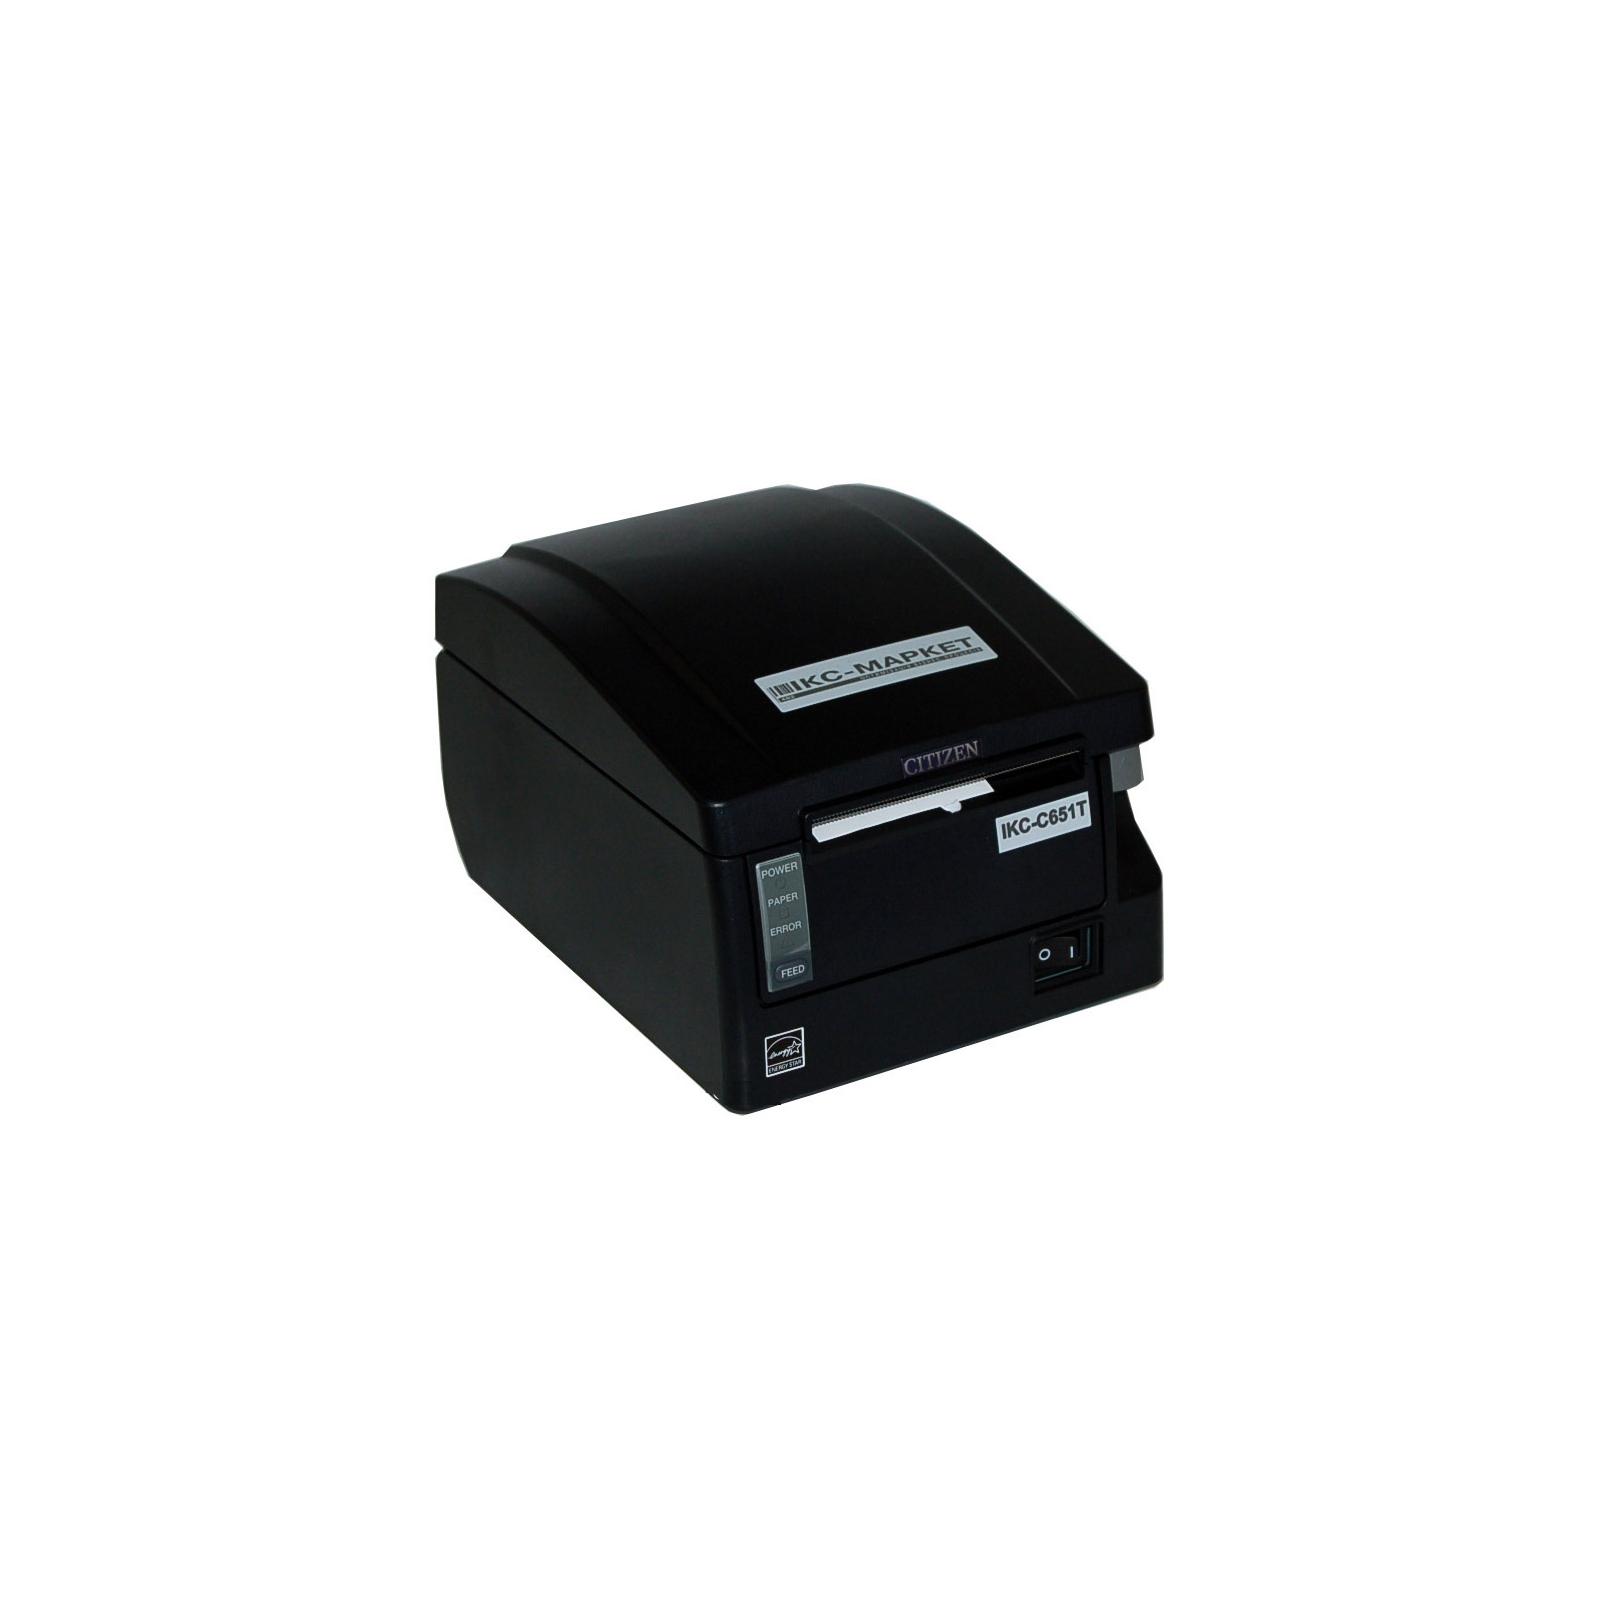 Фискальный регистратор ИКС-Маркет IKC-C651T изображение 2